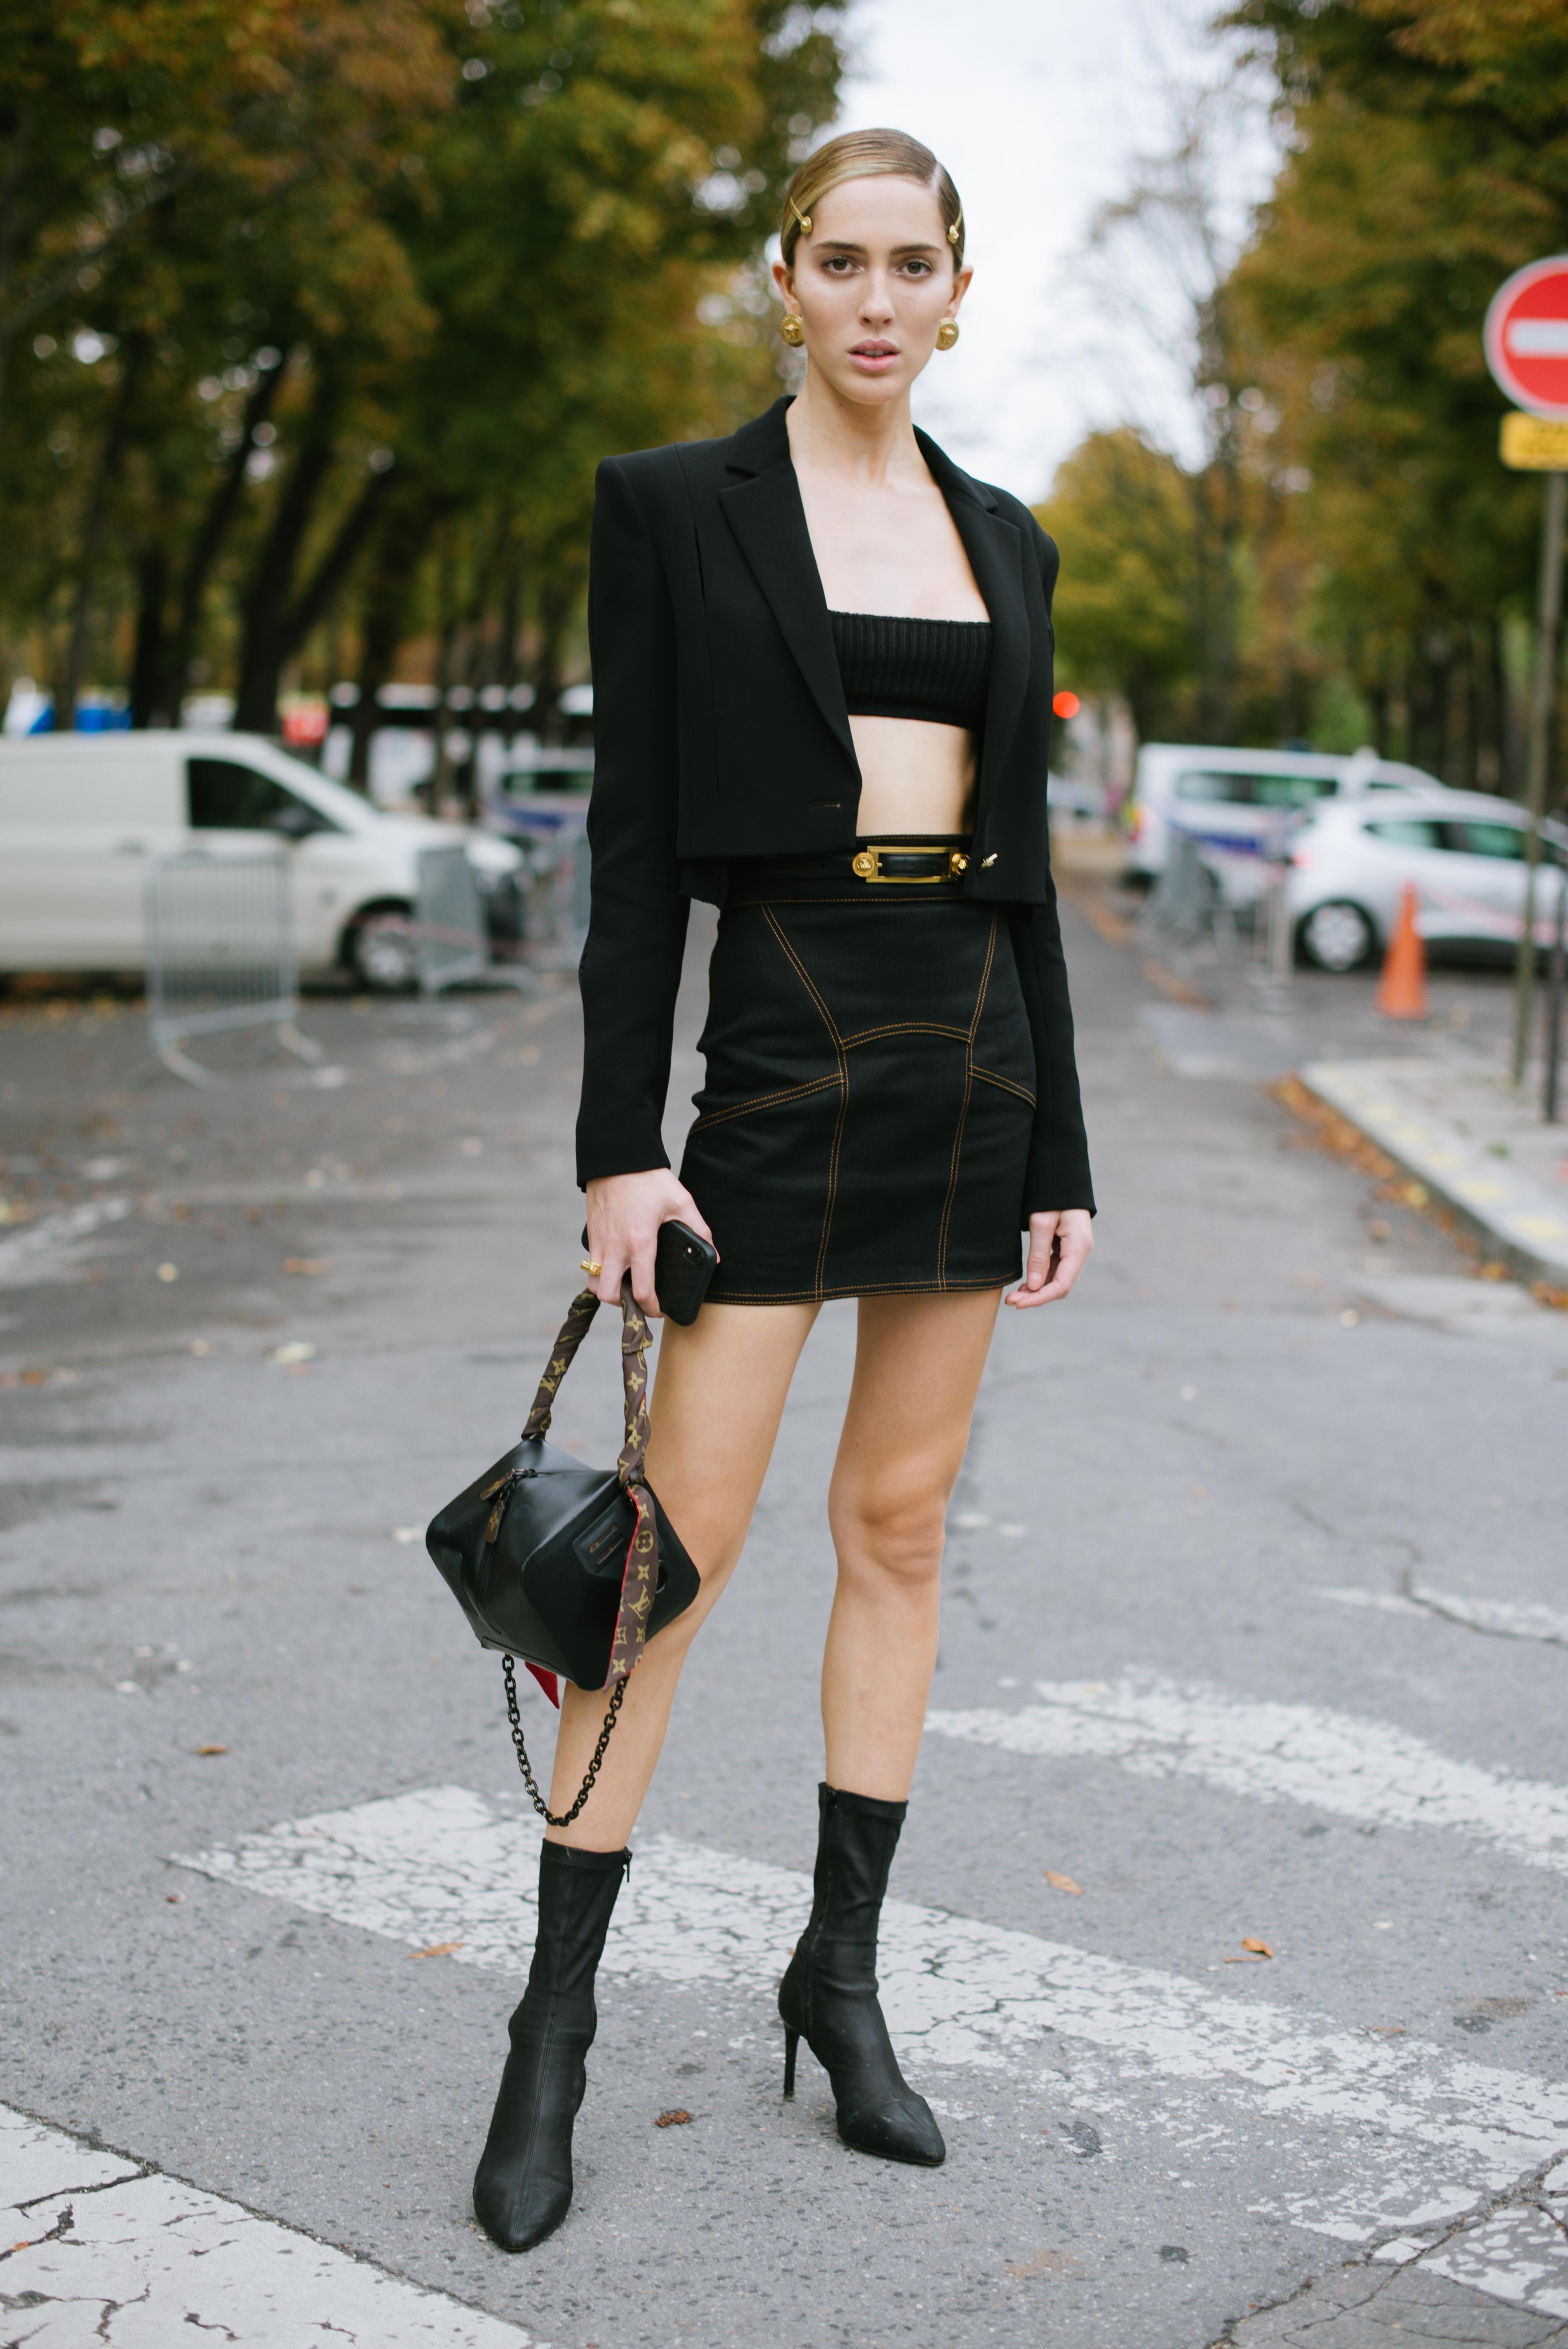 オールブラックにゴールドのアクセントがモードな雰囲気を演出する。タイトミニのスカートはステッチデザインですっきりした印象。肌露出があるからこそ、堂々とした着こなしを披露して。